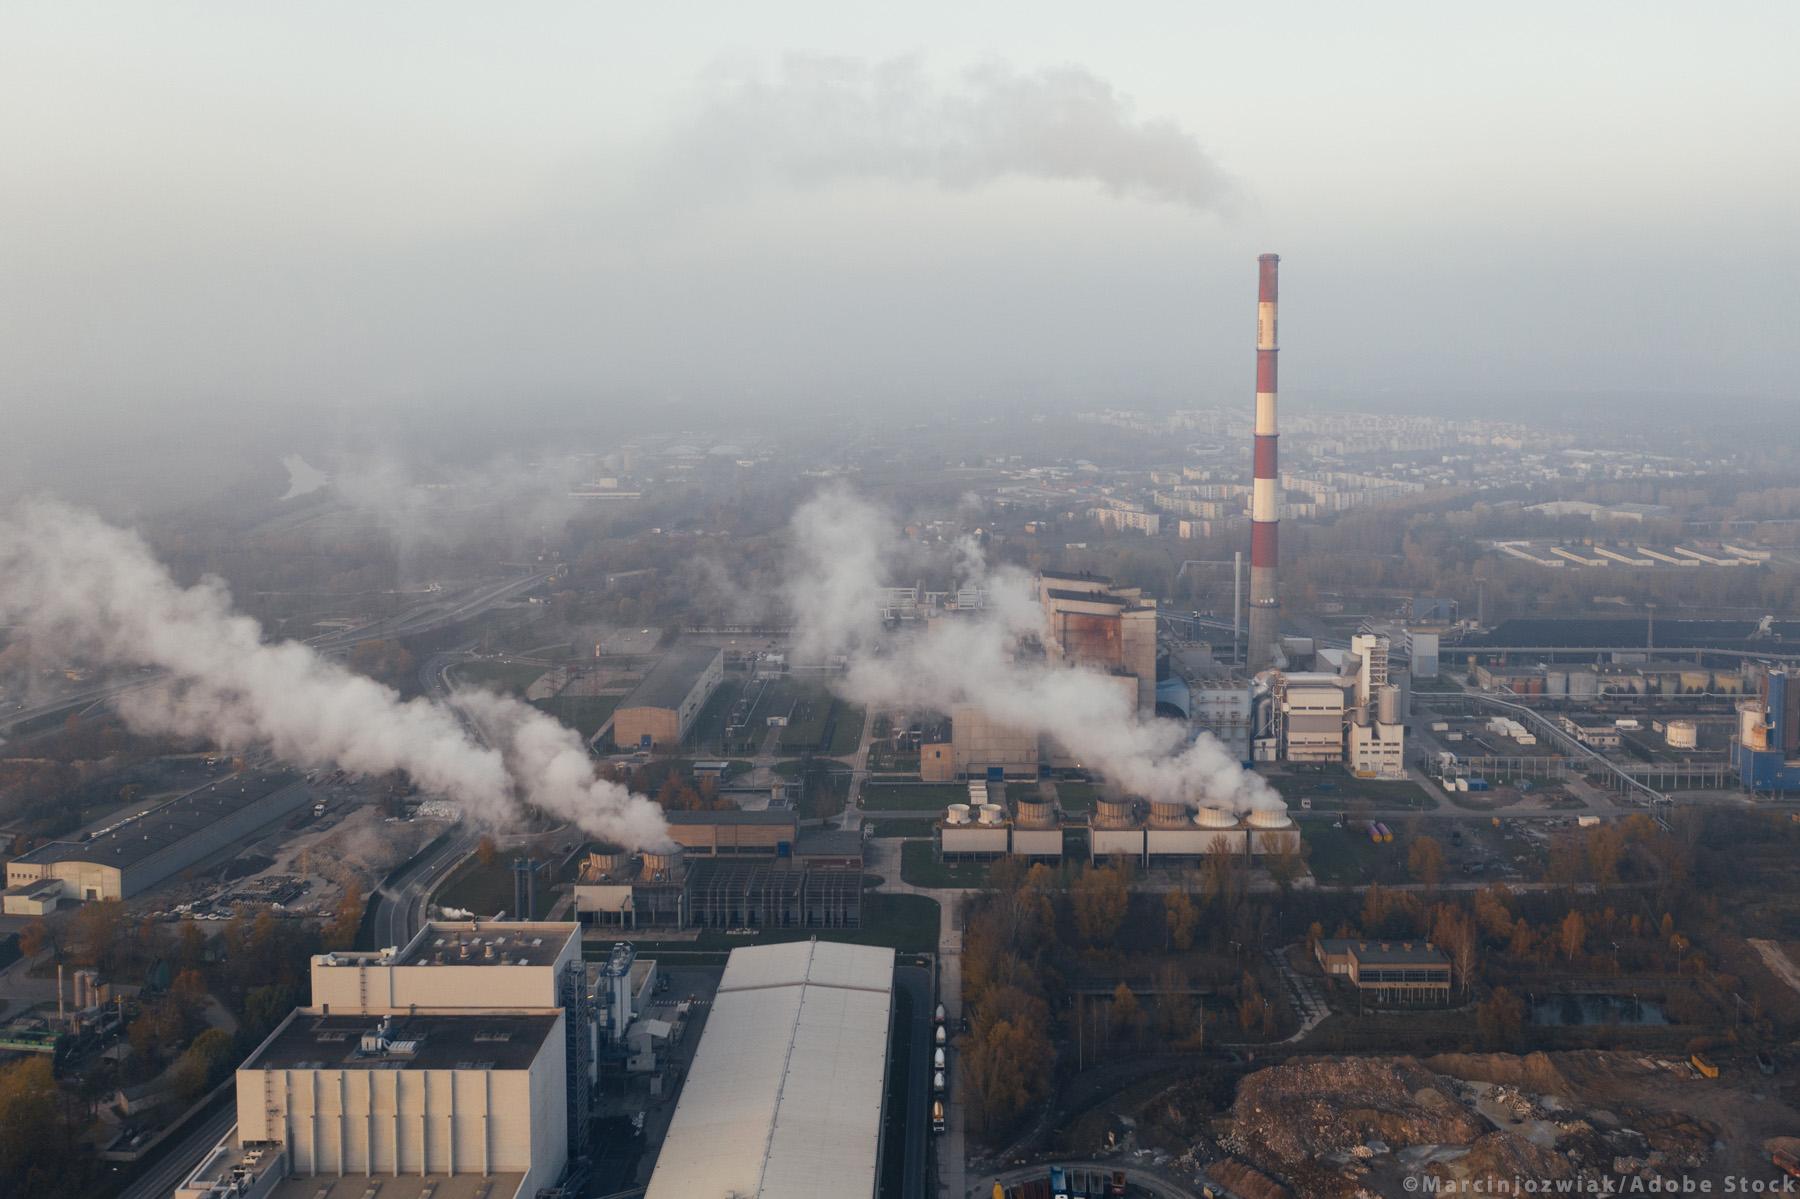 Legge UE sul clima: approvato l'accordo sulla neutralità climatica entro il  2050 | Attualità | Parlamento europeo